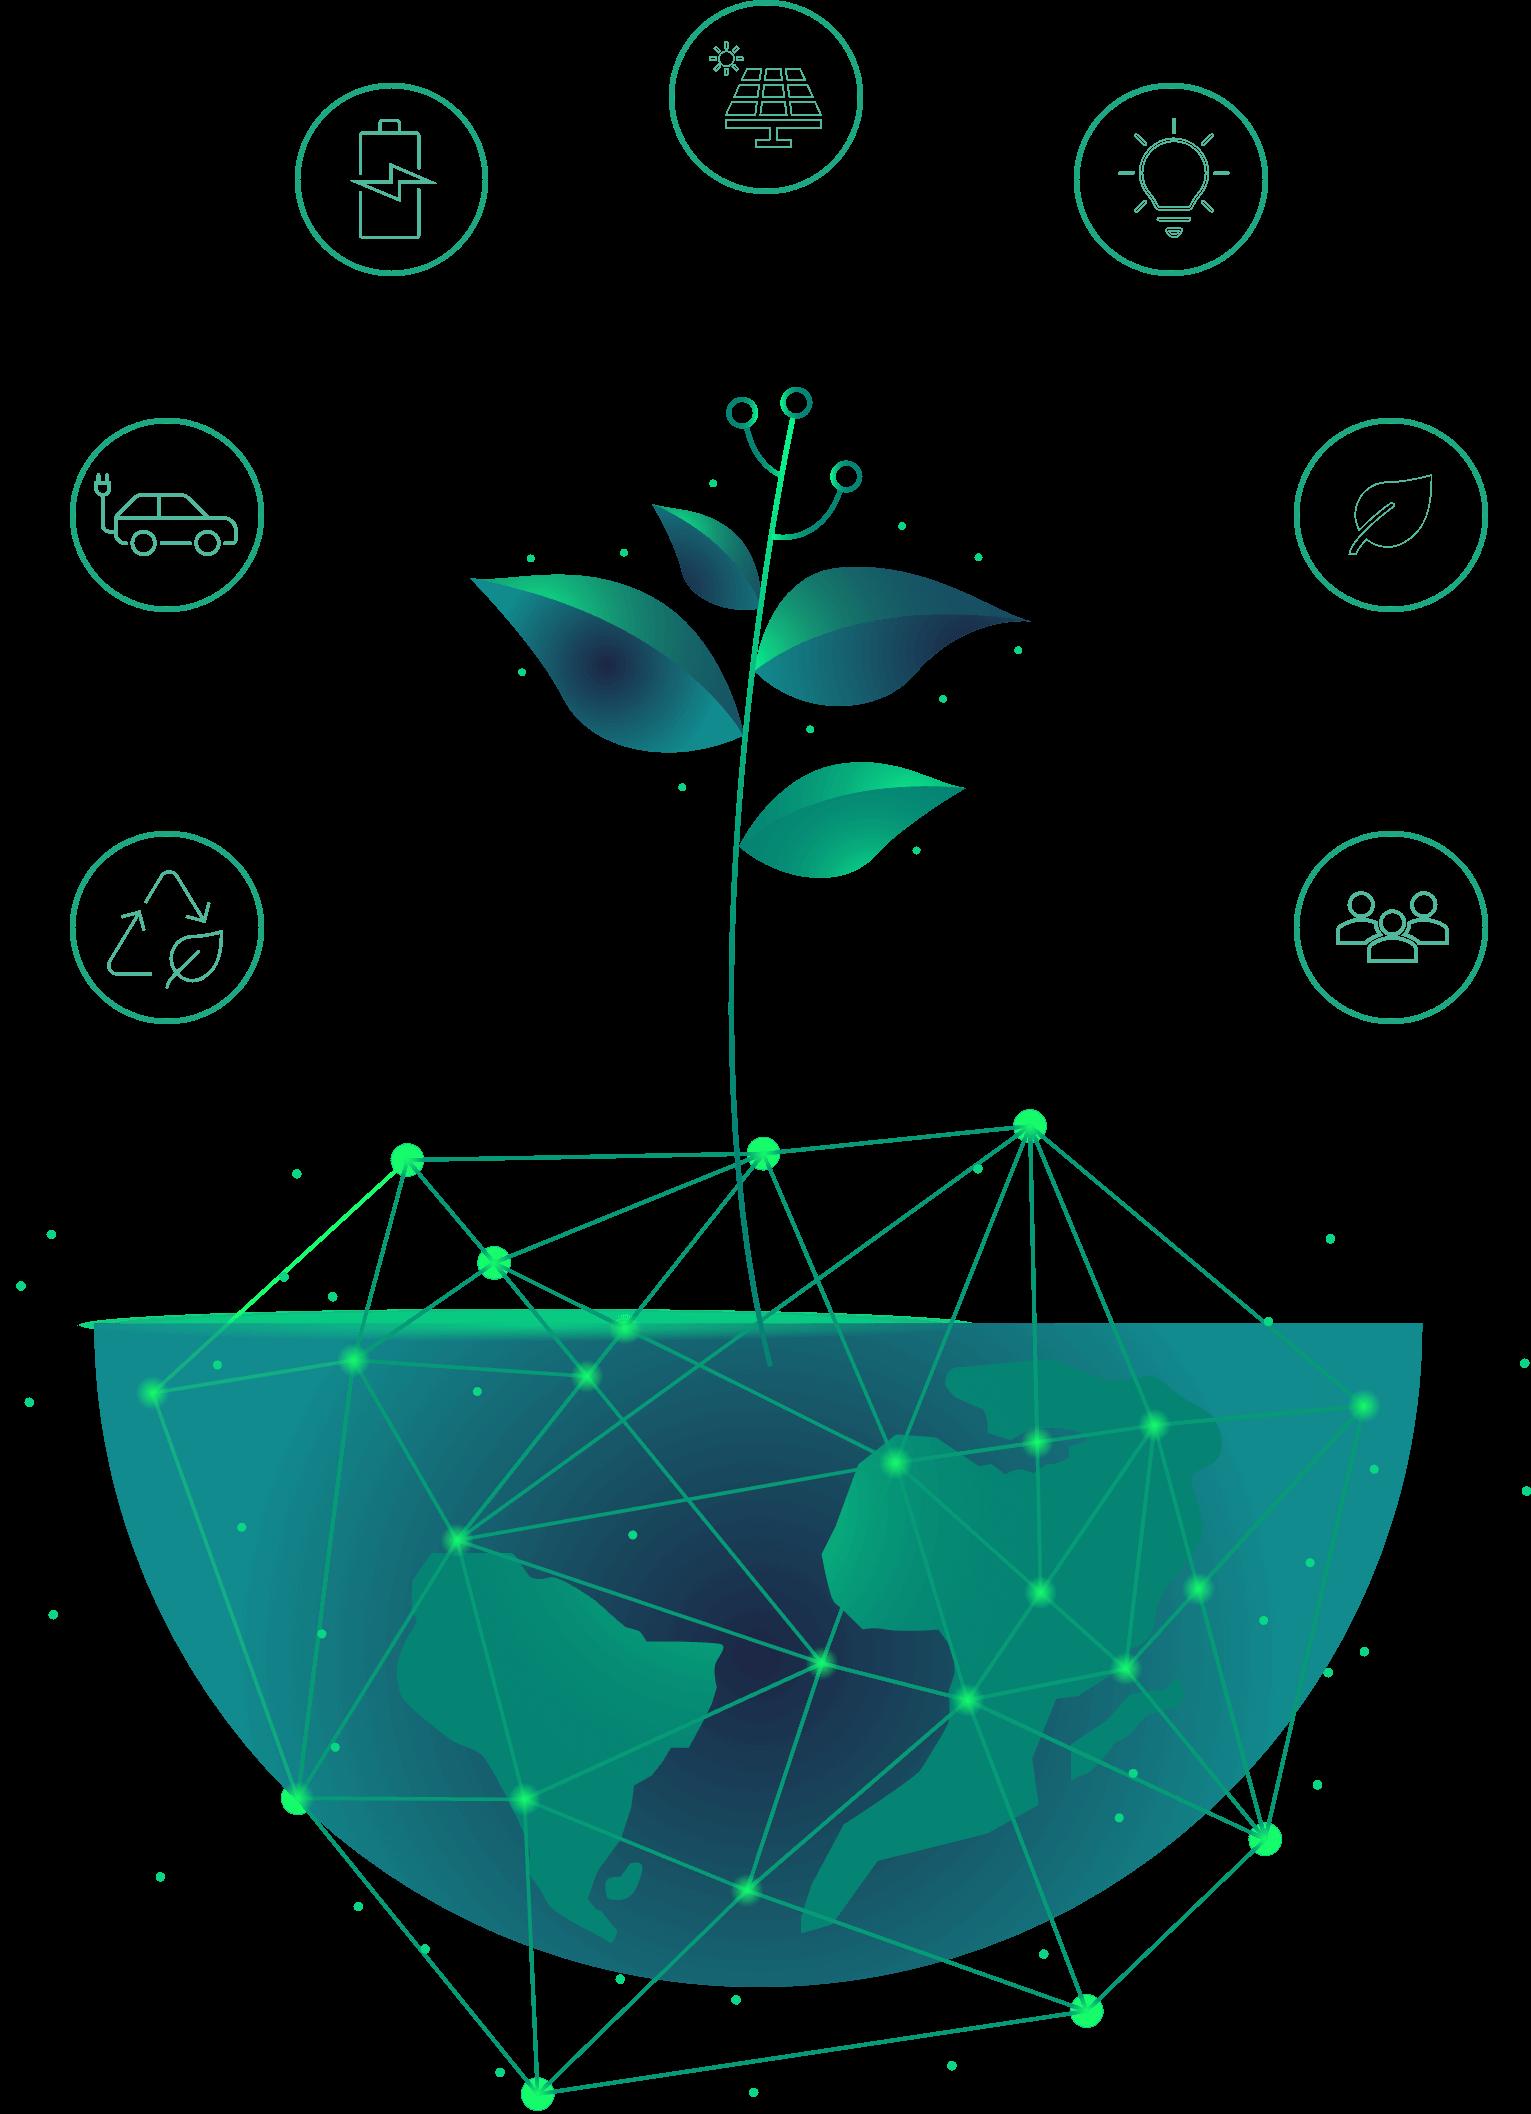 Sutentabilidade e tecnologia